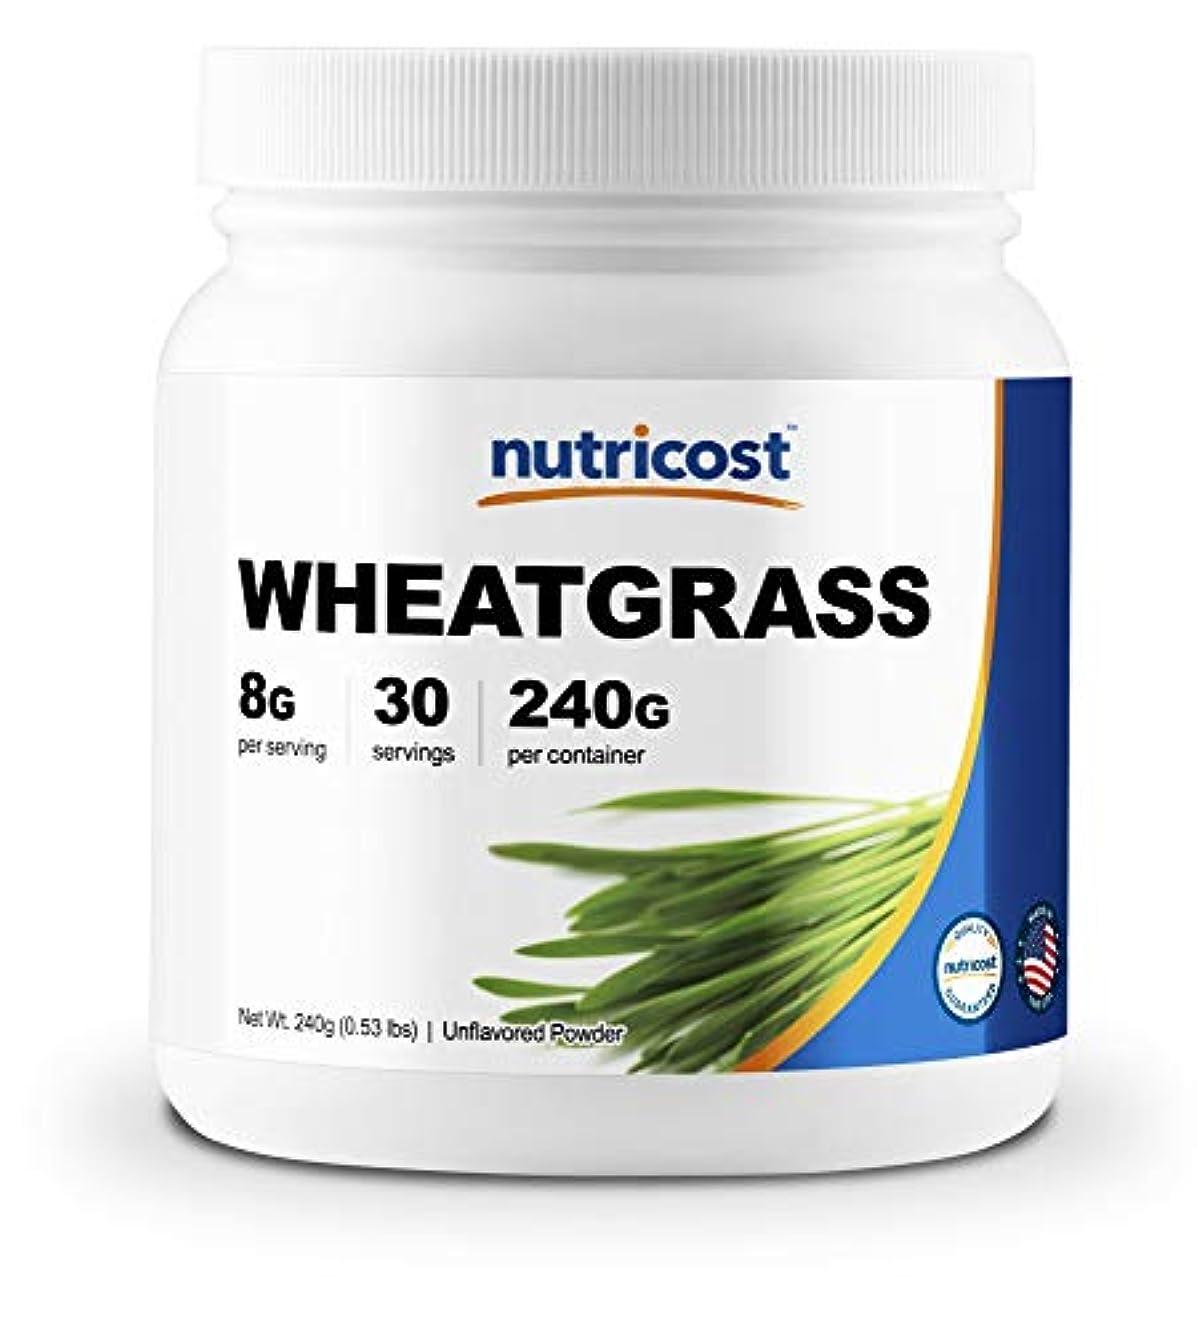 制裁エンジン主張するNutricost ウィートグラスパウダー (小麦若葉)、30食分、非GMO、グルテンフリー